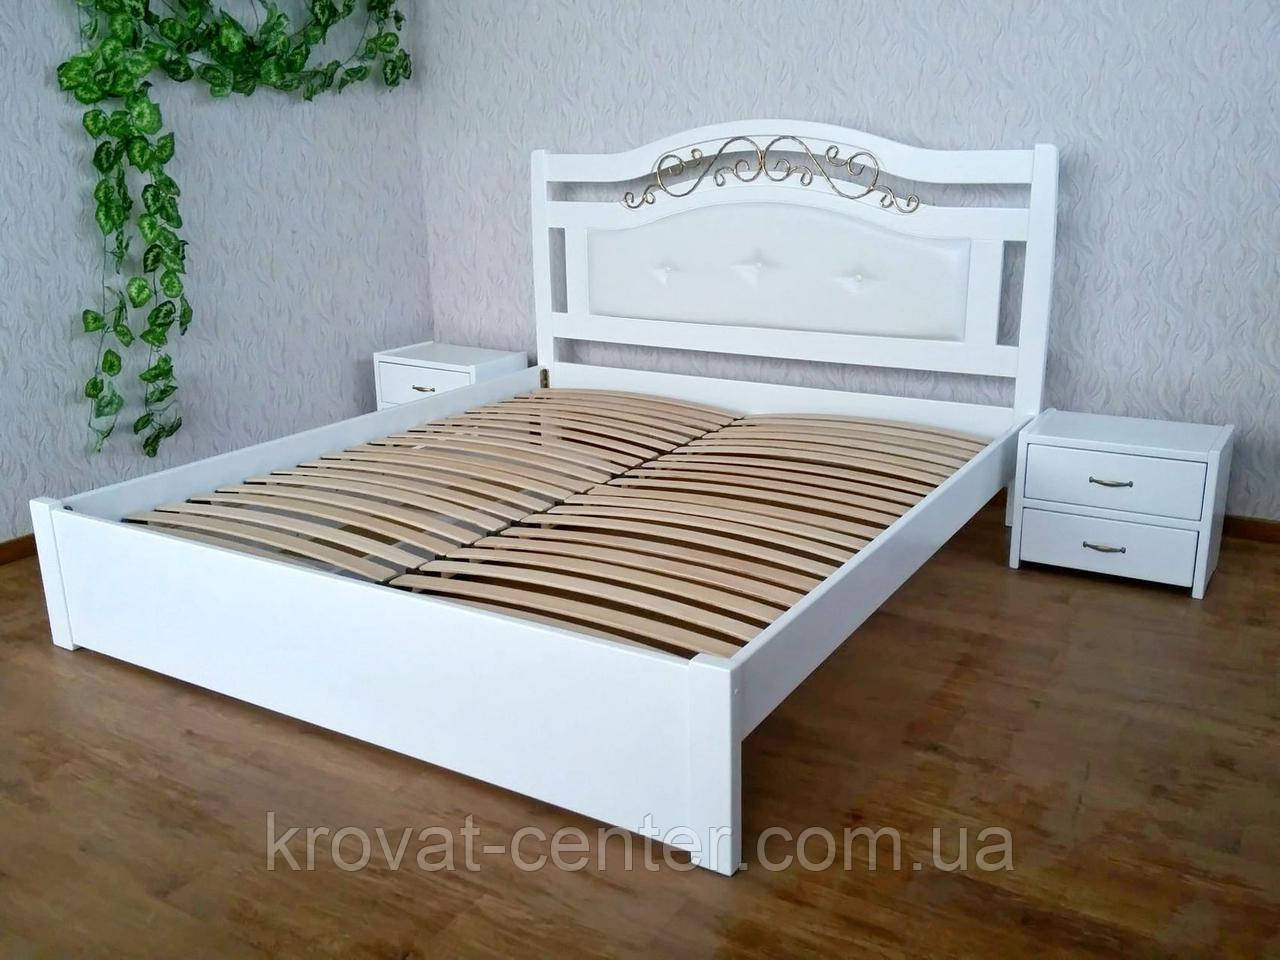 """Белая двуспальная кровать с мягким изголовьем """"Фантазия Премиум"""""""